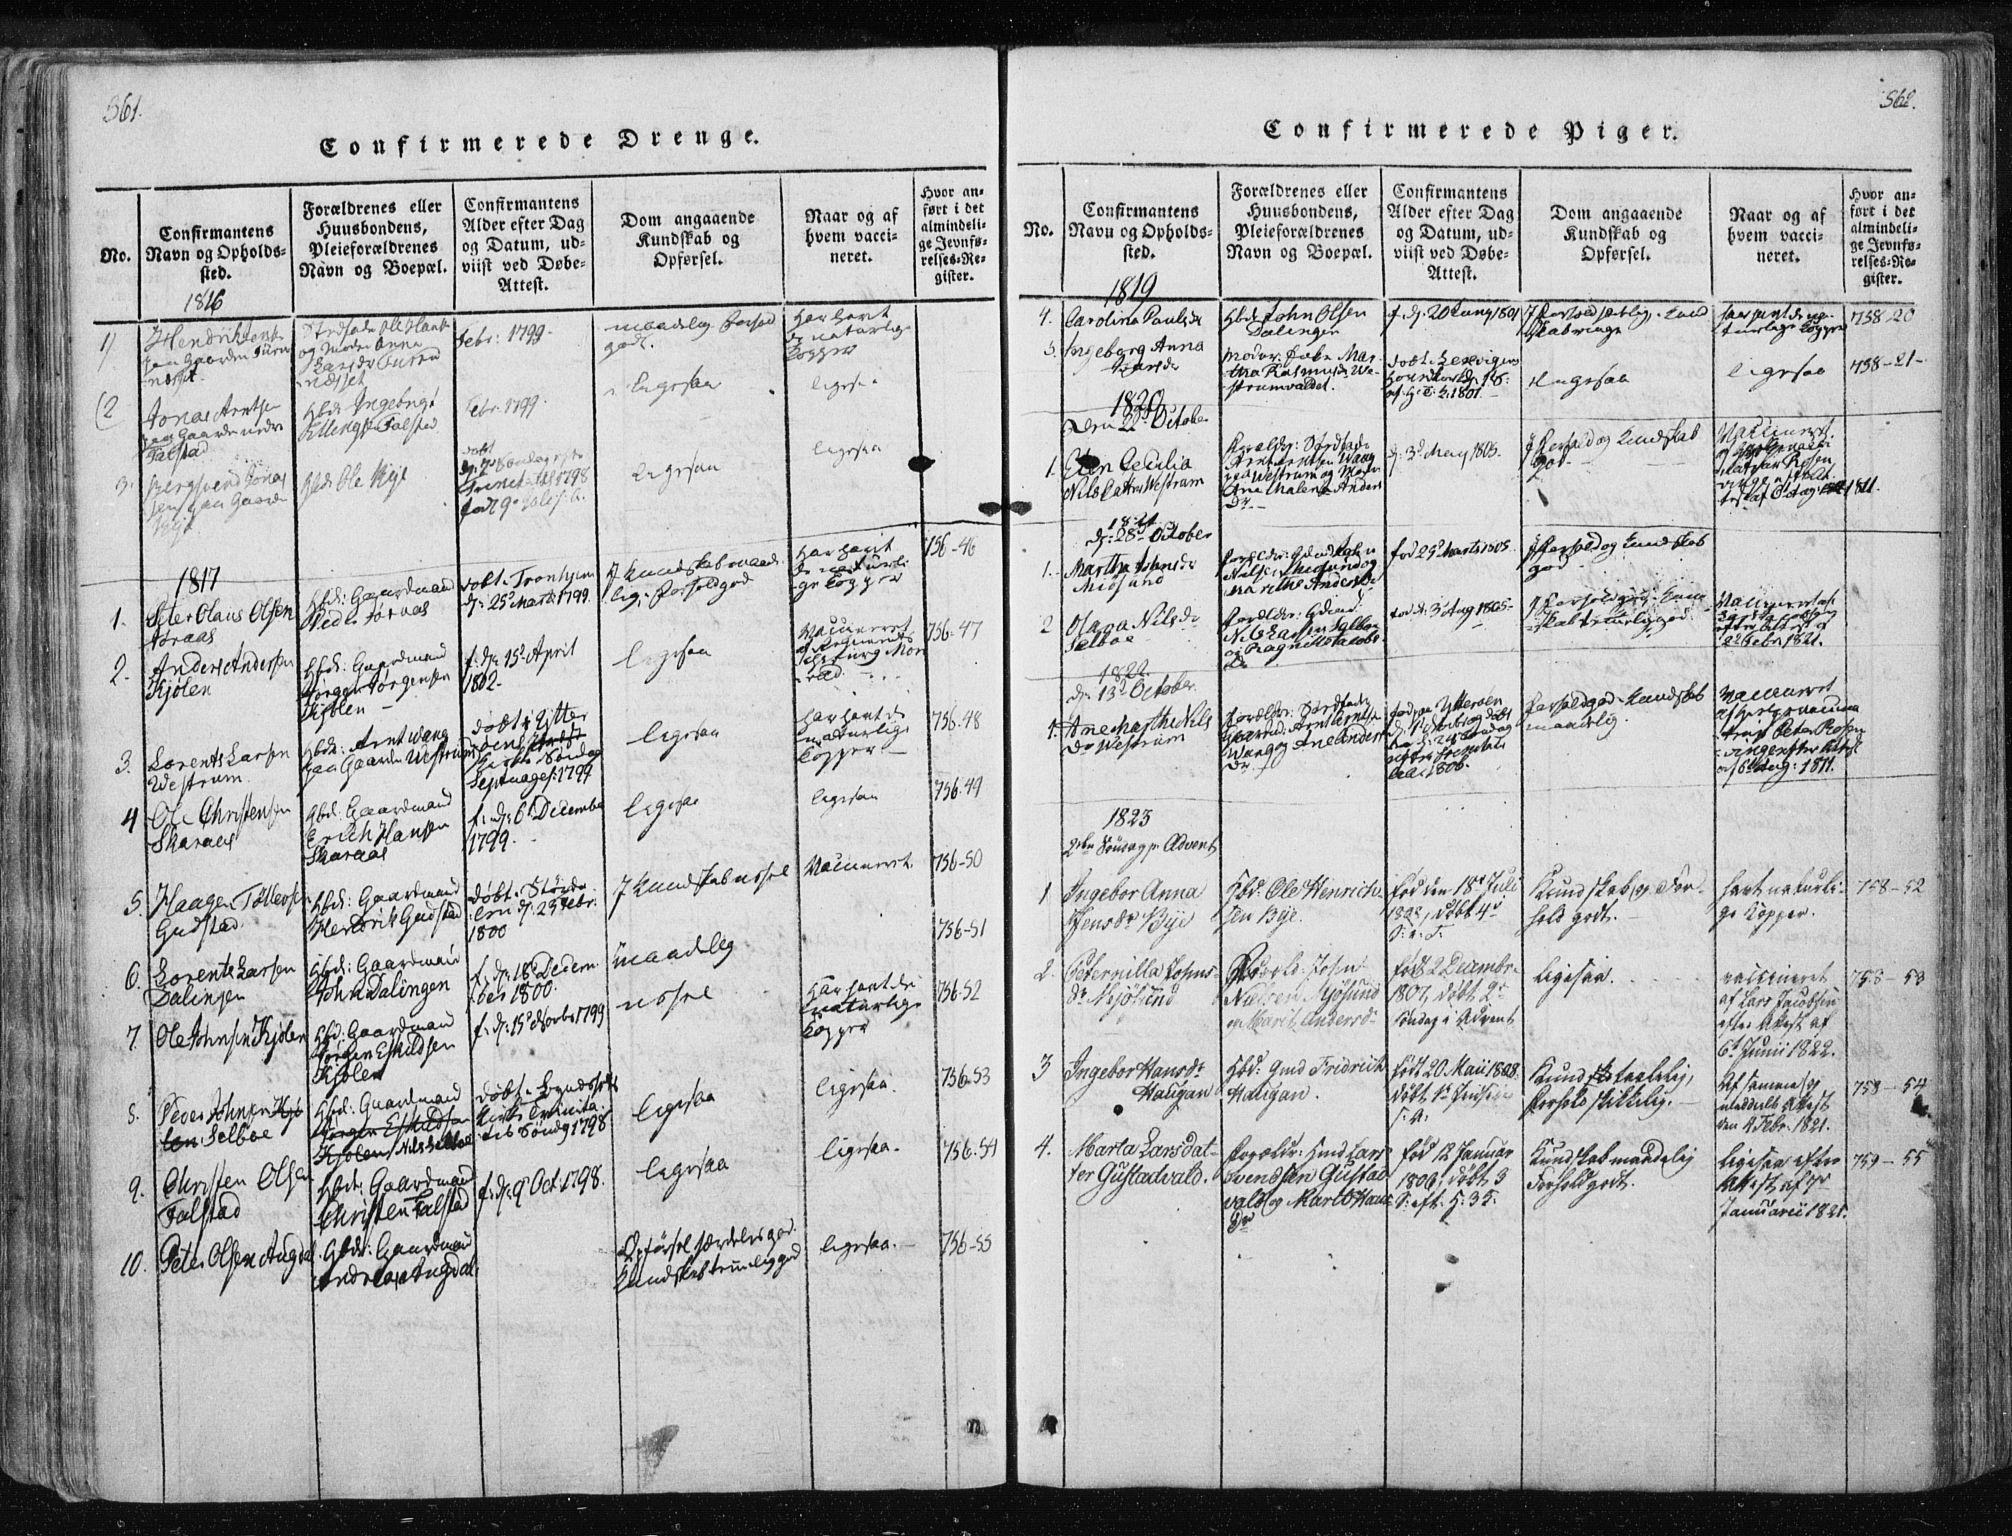 SAT, Ministerialprotokoller, klokkerbøker og fødselsregistre - Nord-Trøndelag, 717/L0148: Ministerialbok nr. 717A04 /3, 1816-1825, s. 561-562